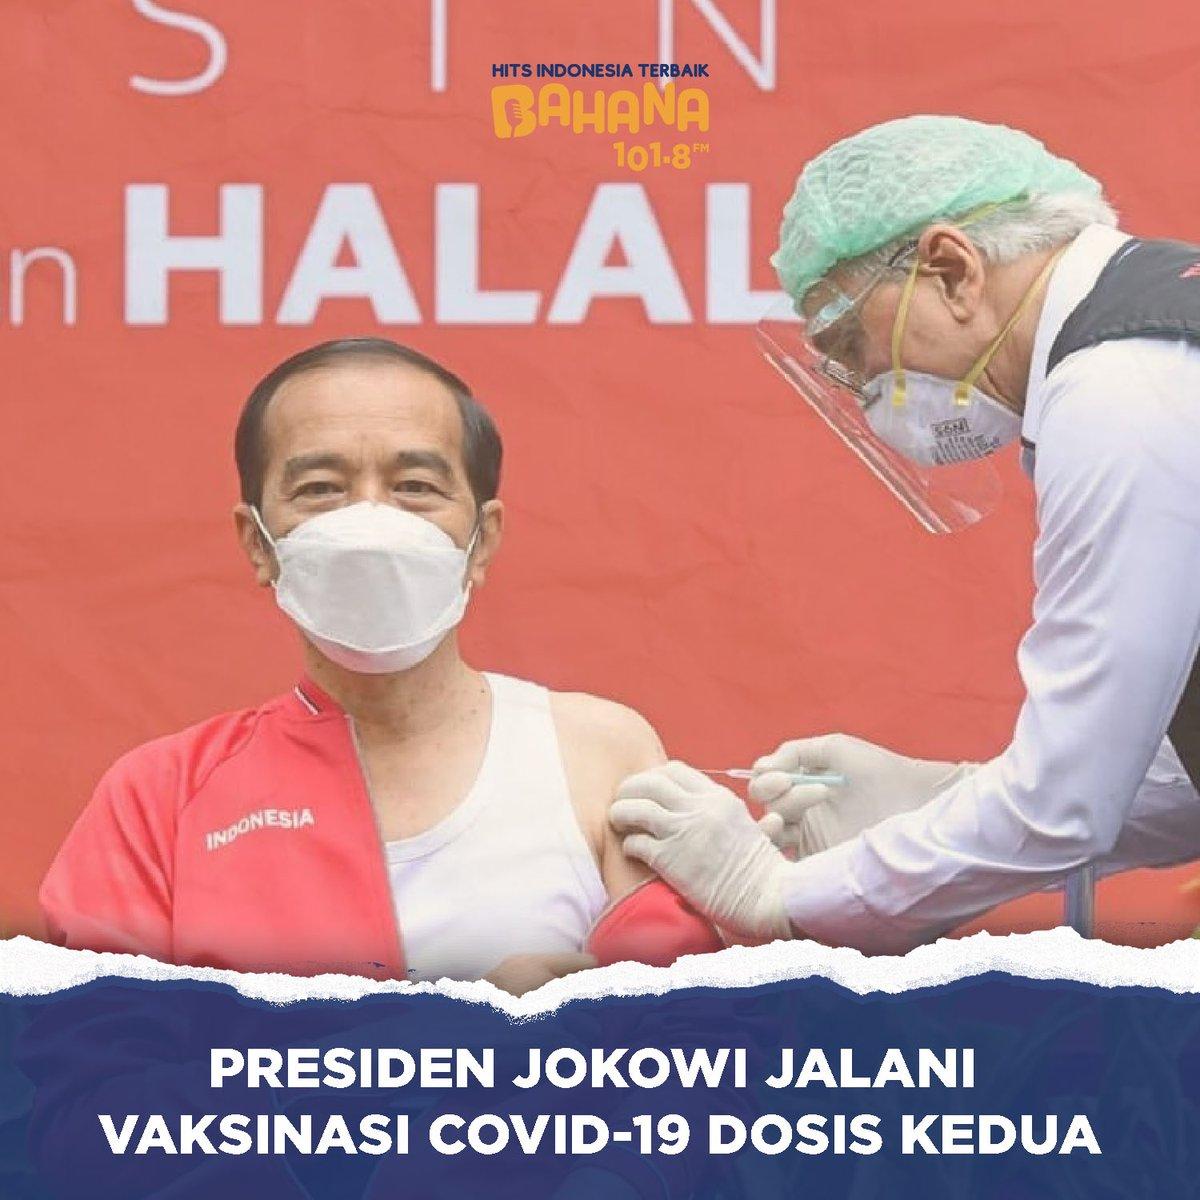 Presiden RI, @jokowi menerima suntikan virus Covid-19 dosis kedua di Kompleks Istana Kepresidenan Jakarta. Rencananya vaksinasi Covid-19 untuk masyarakat umum akan ditargetkan bisa dimulai pada pertengahan Februari 2021.  -- #BreakingNews #BahanaFM #berita #jokowi #presidenjokowi